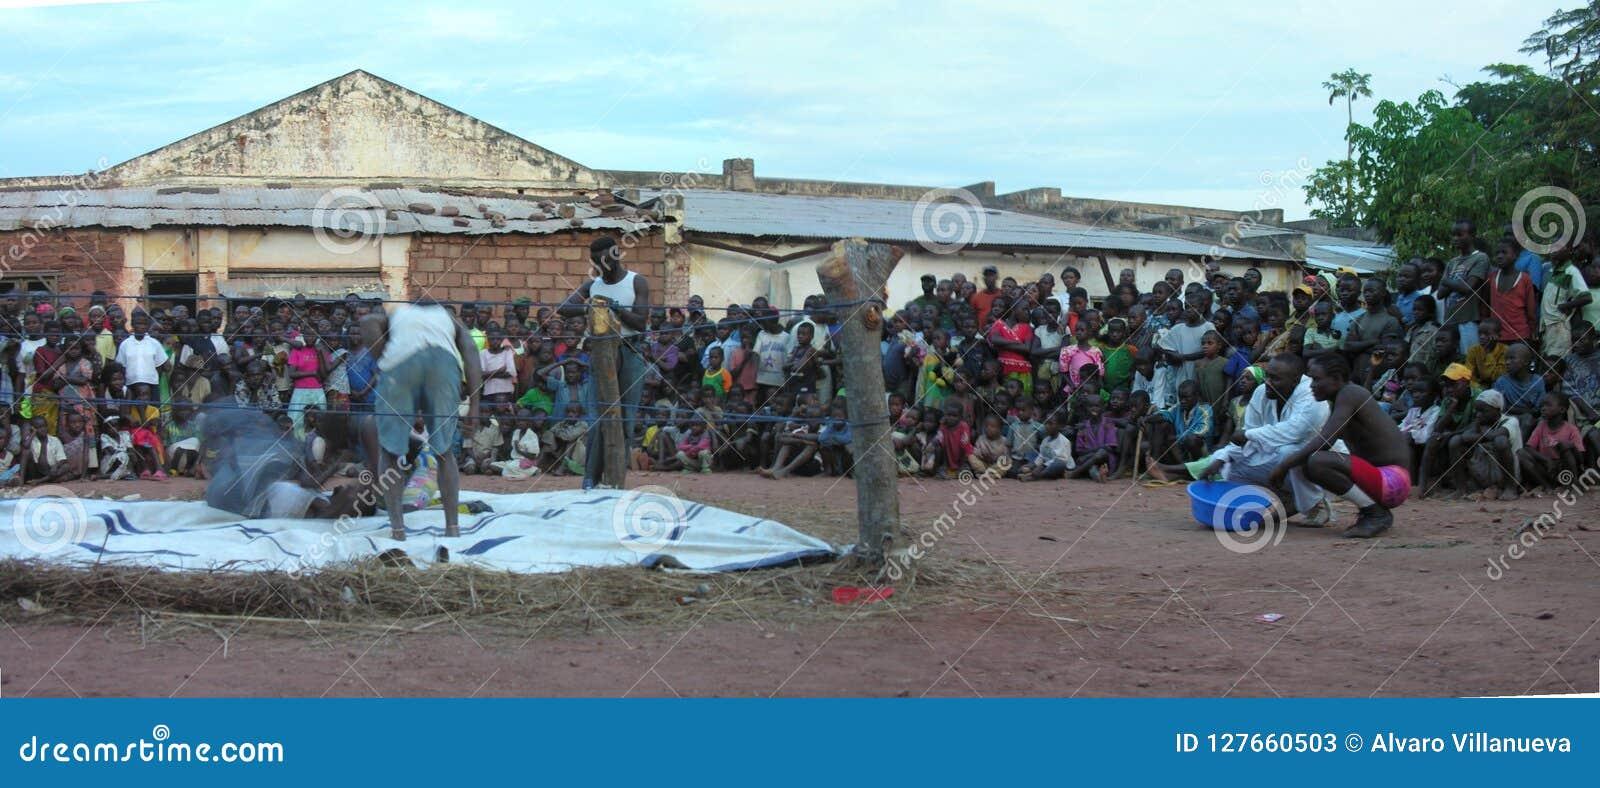 Pweto, Katanga, Demokratyczna republika Kongo, May 20th 2006: Zapaśnicy walczy przed tłumem